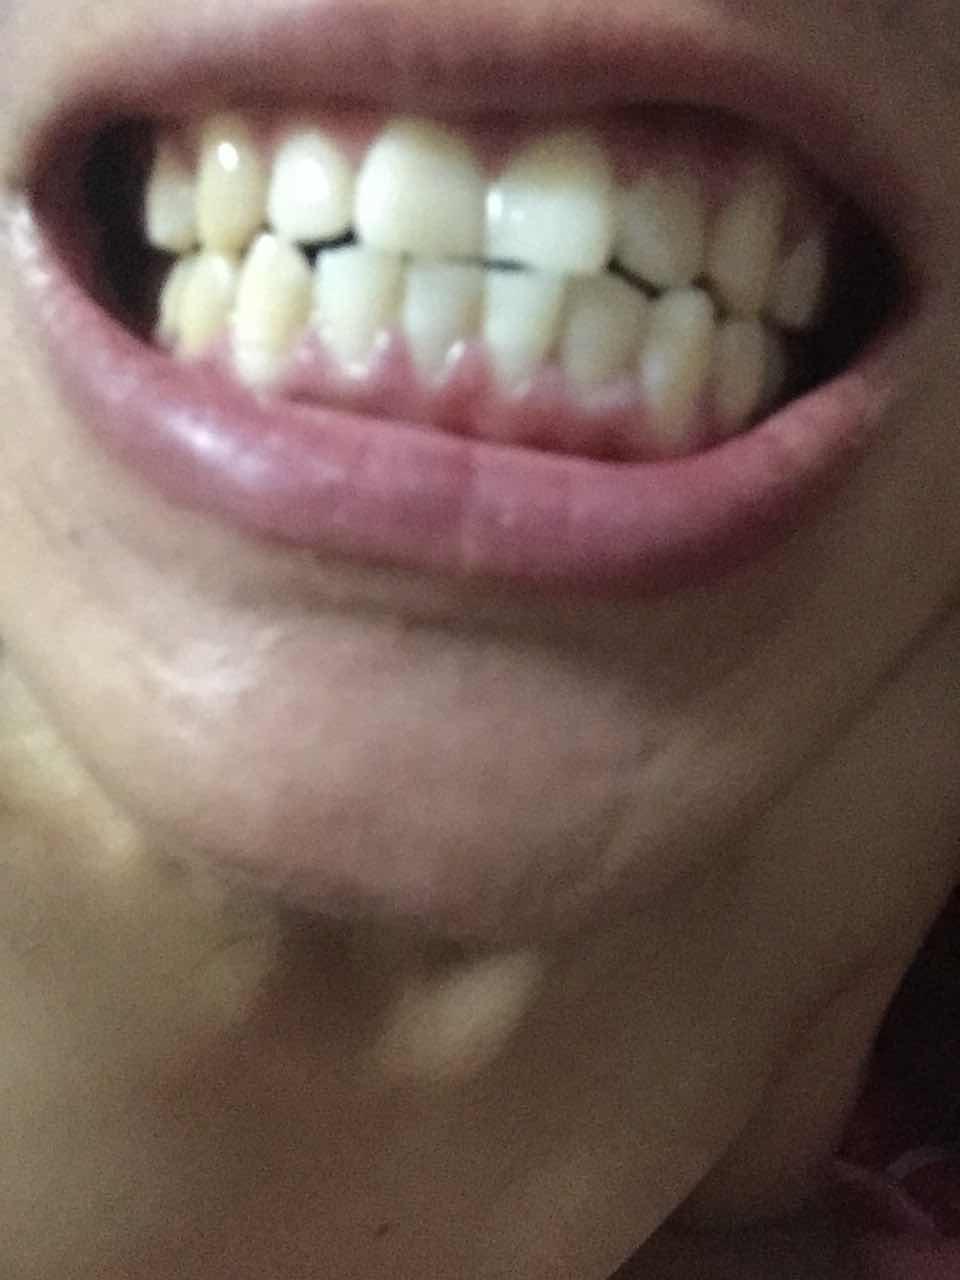 牙齿矫正的作用是什么?8千能 做个牙齿矫正!牙套吗现在要多少才能带牙套